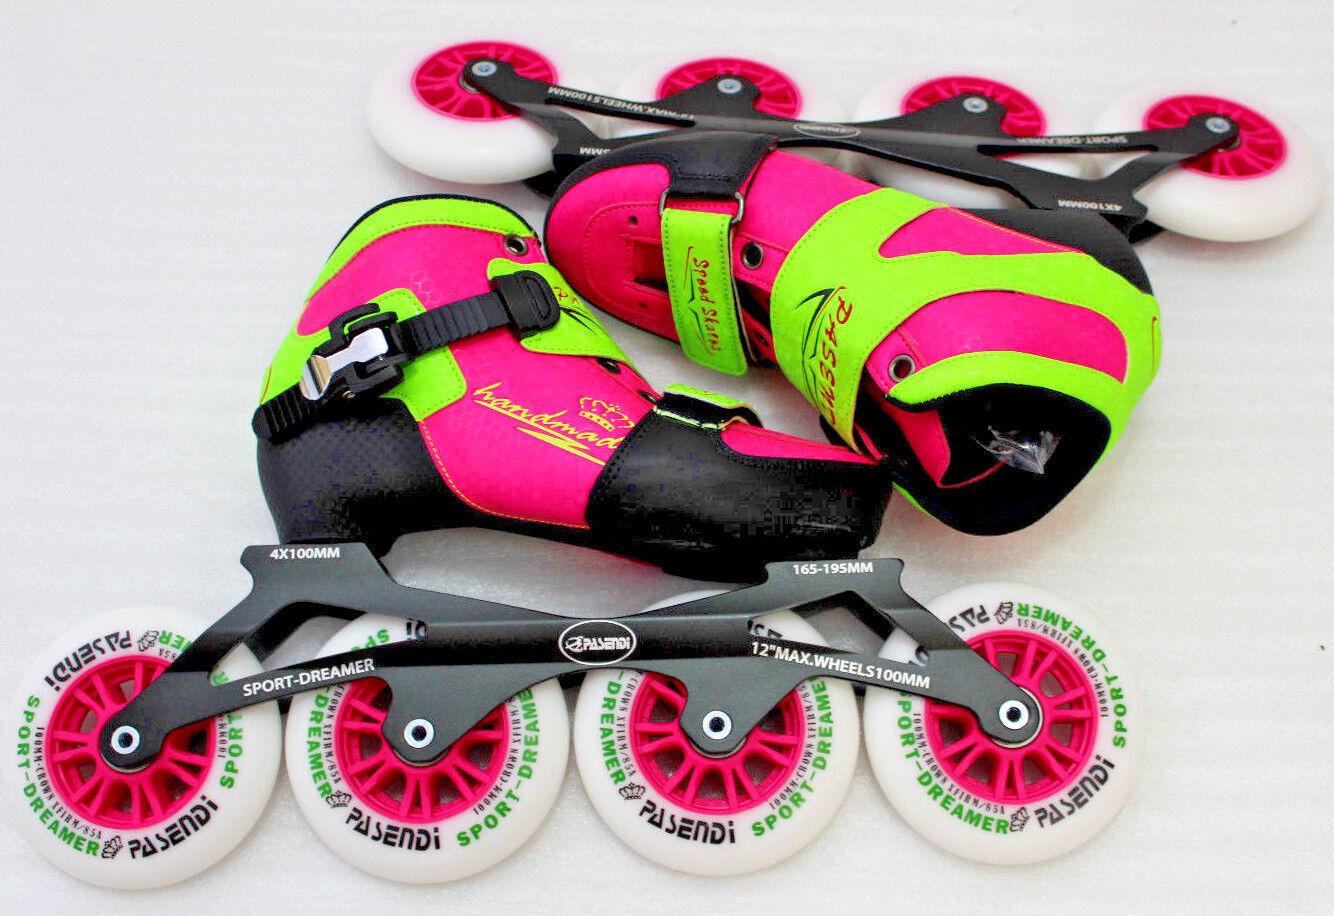 """Pasendi Sport Dreamer 165-195MM 12"""" Inline Skates Sohleninnenlänge 21cm"""